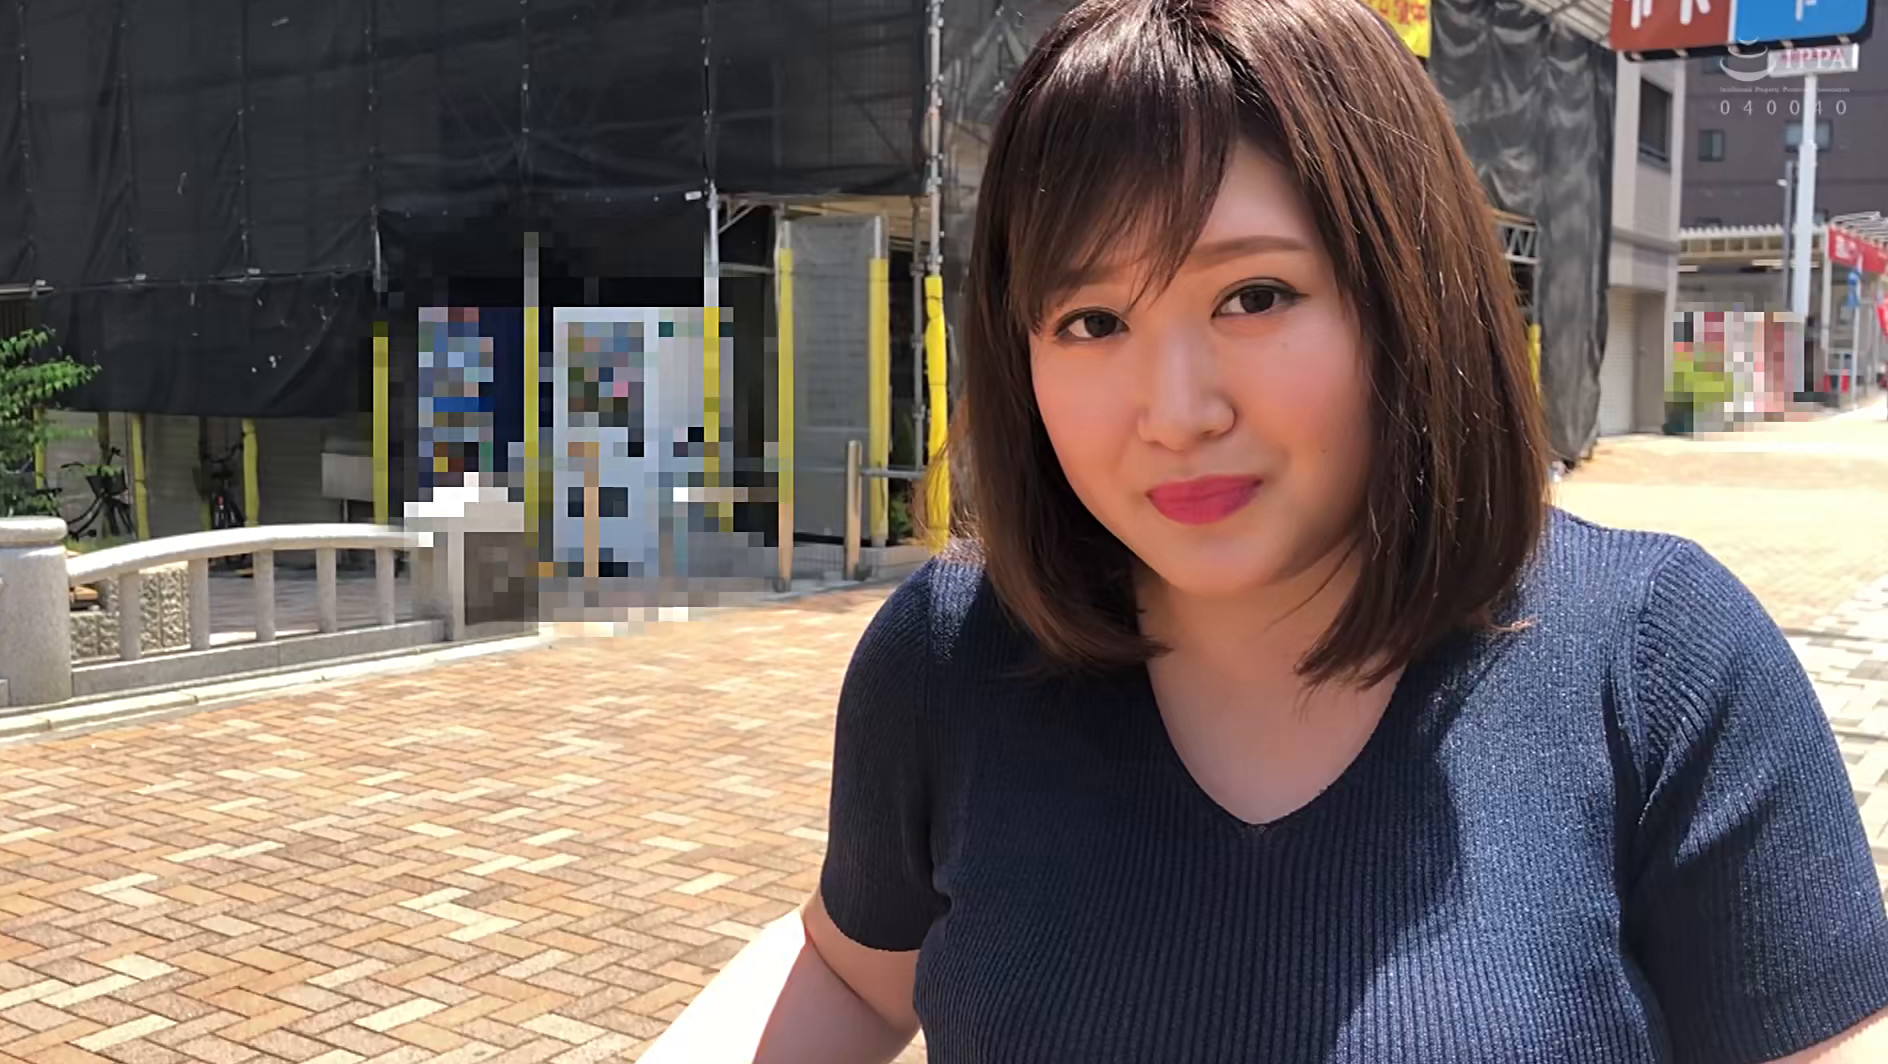 発掘☆デカ乳素人 26